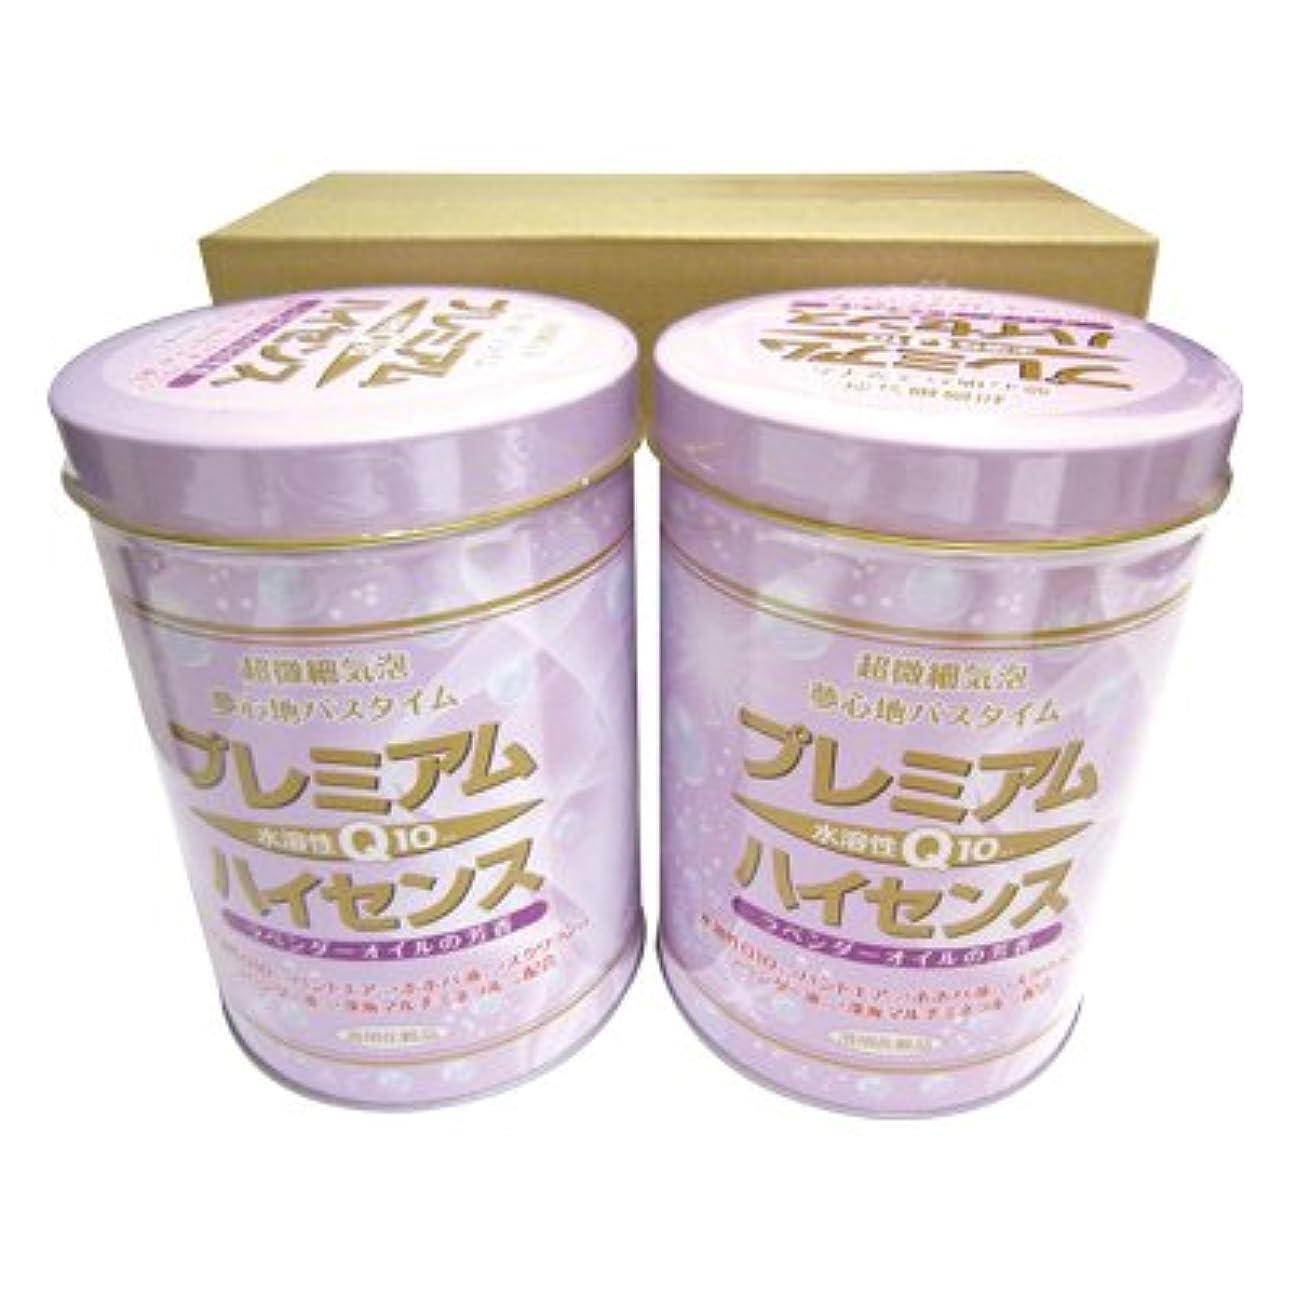 反対した友だち港【高陽社】浴用化粧品 プレミアムハイセンス 2缶セット